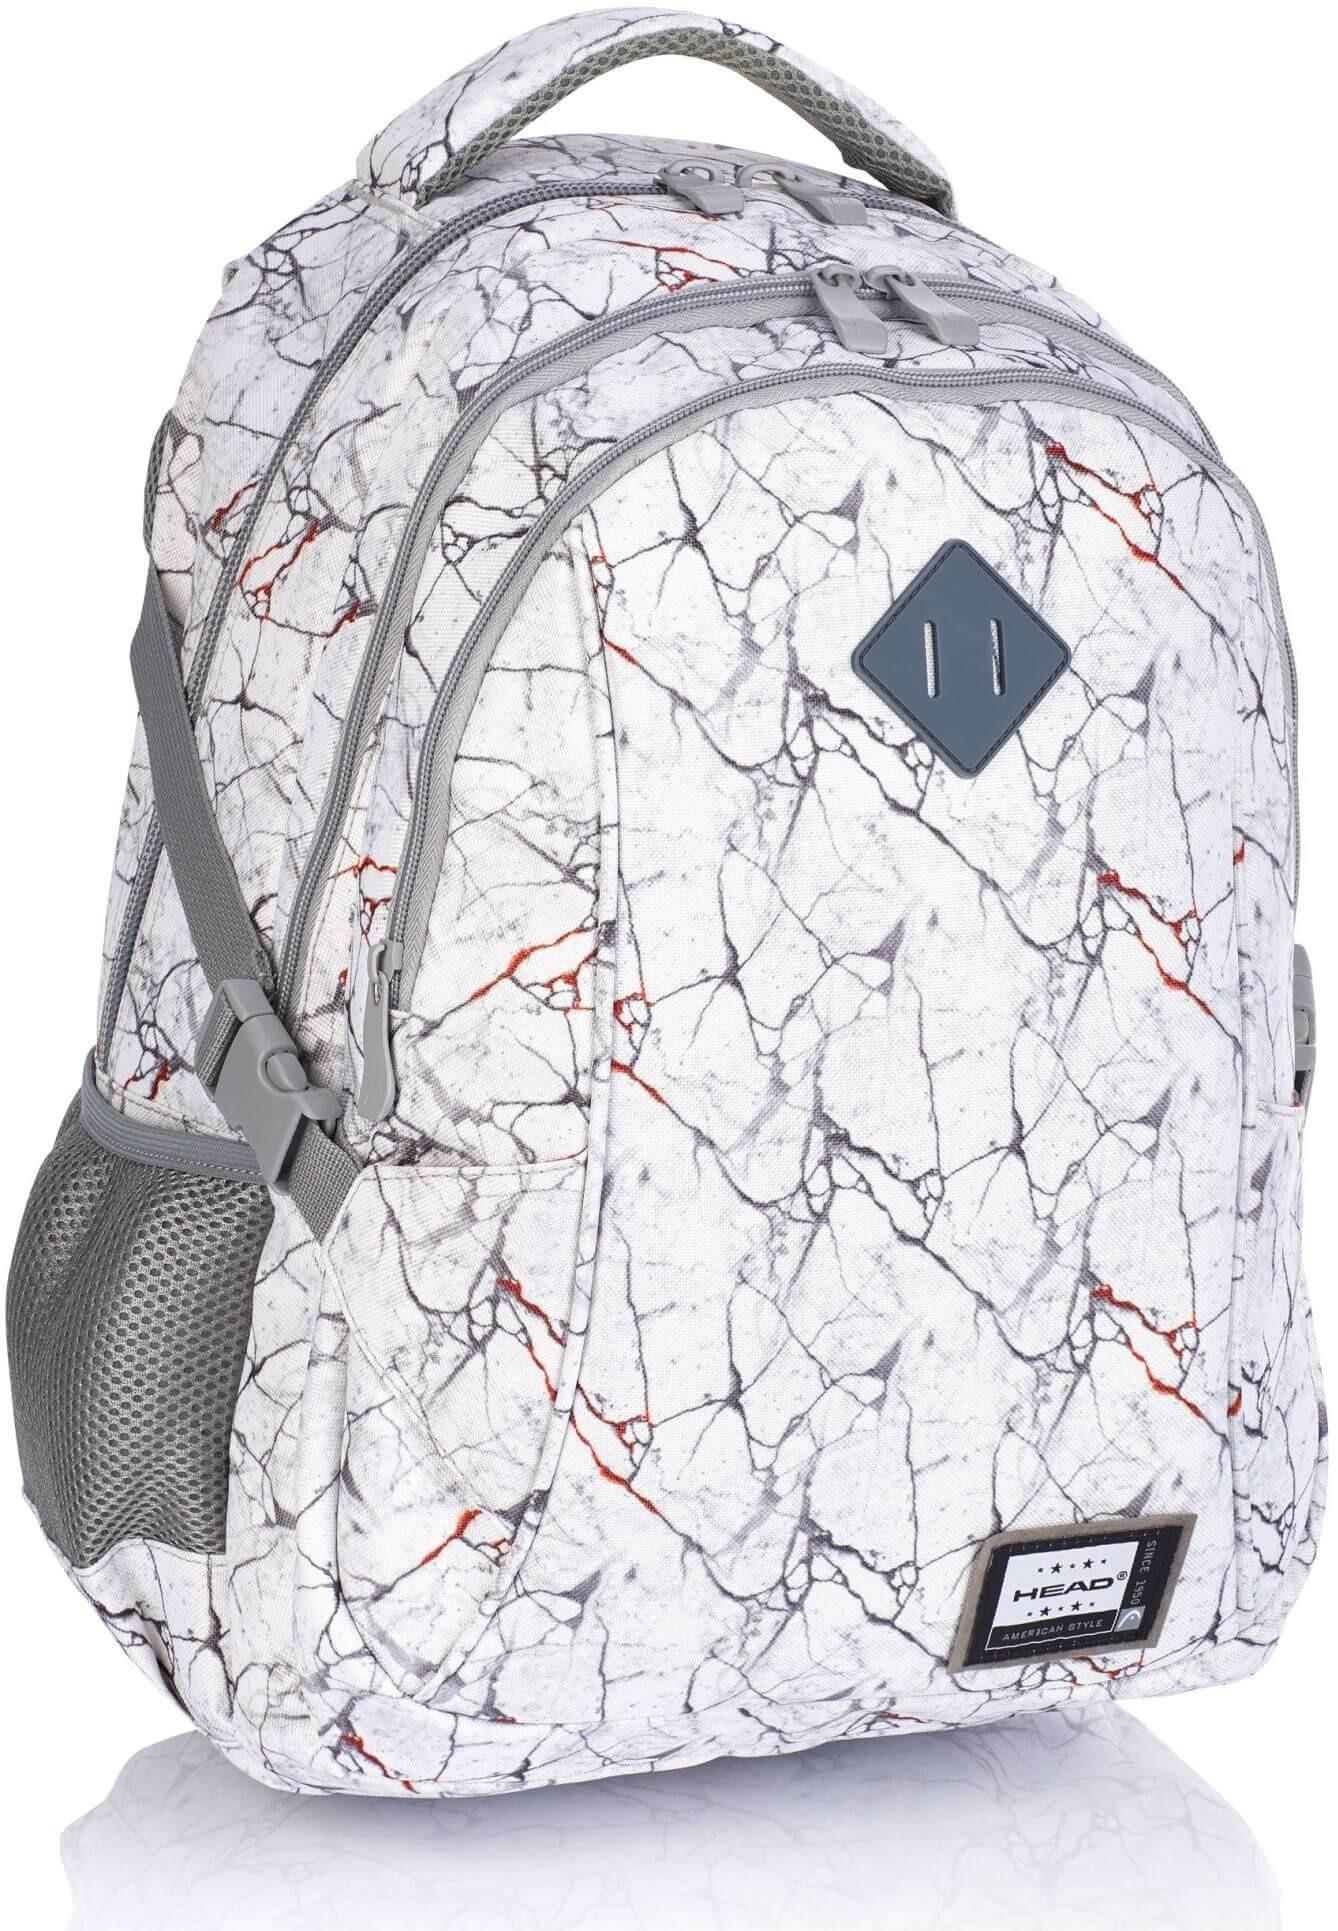 Szary plecak szkolny młodzieżowy marmurkowy marble laptop